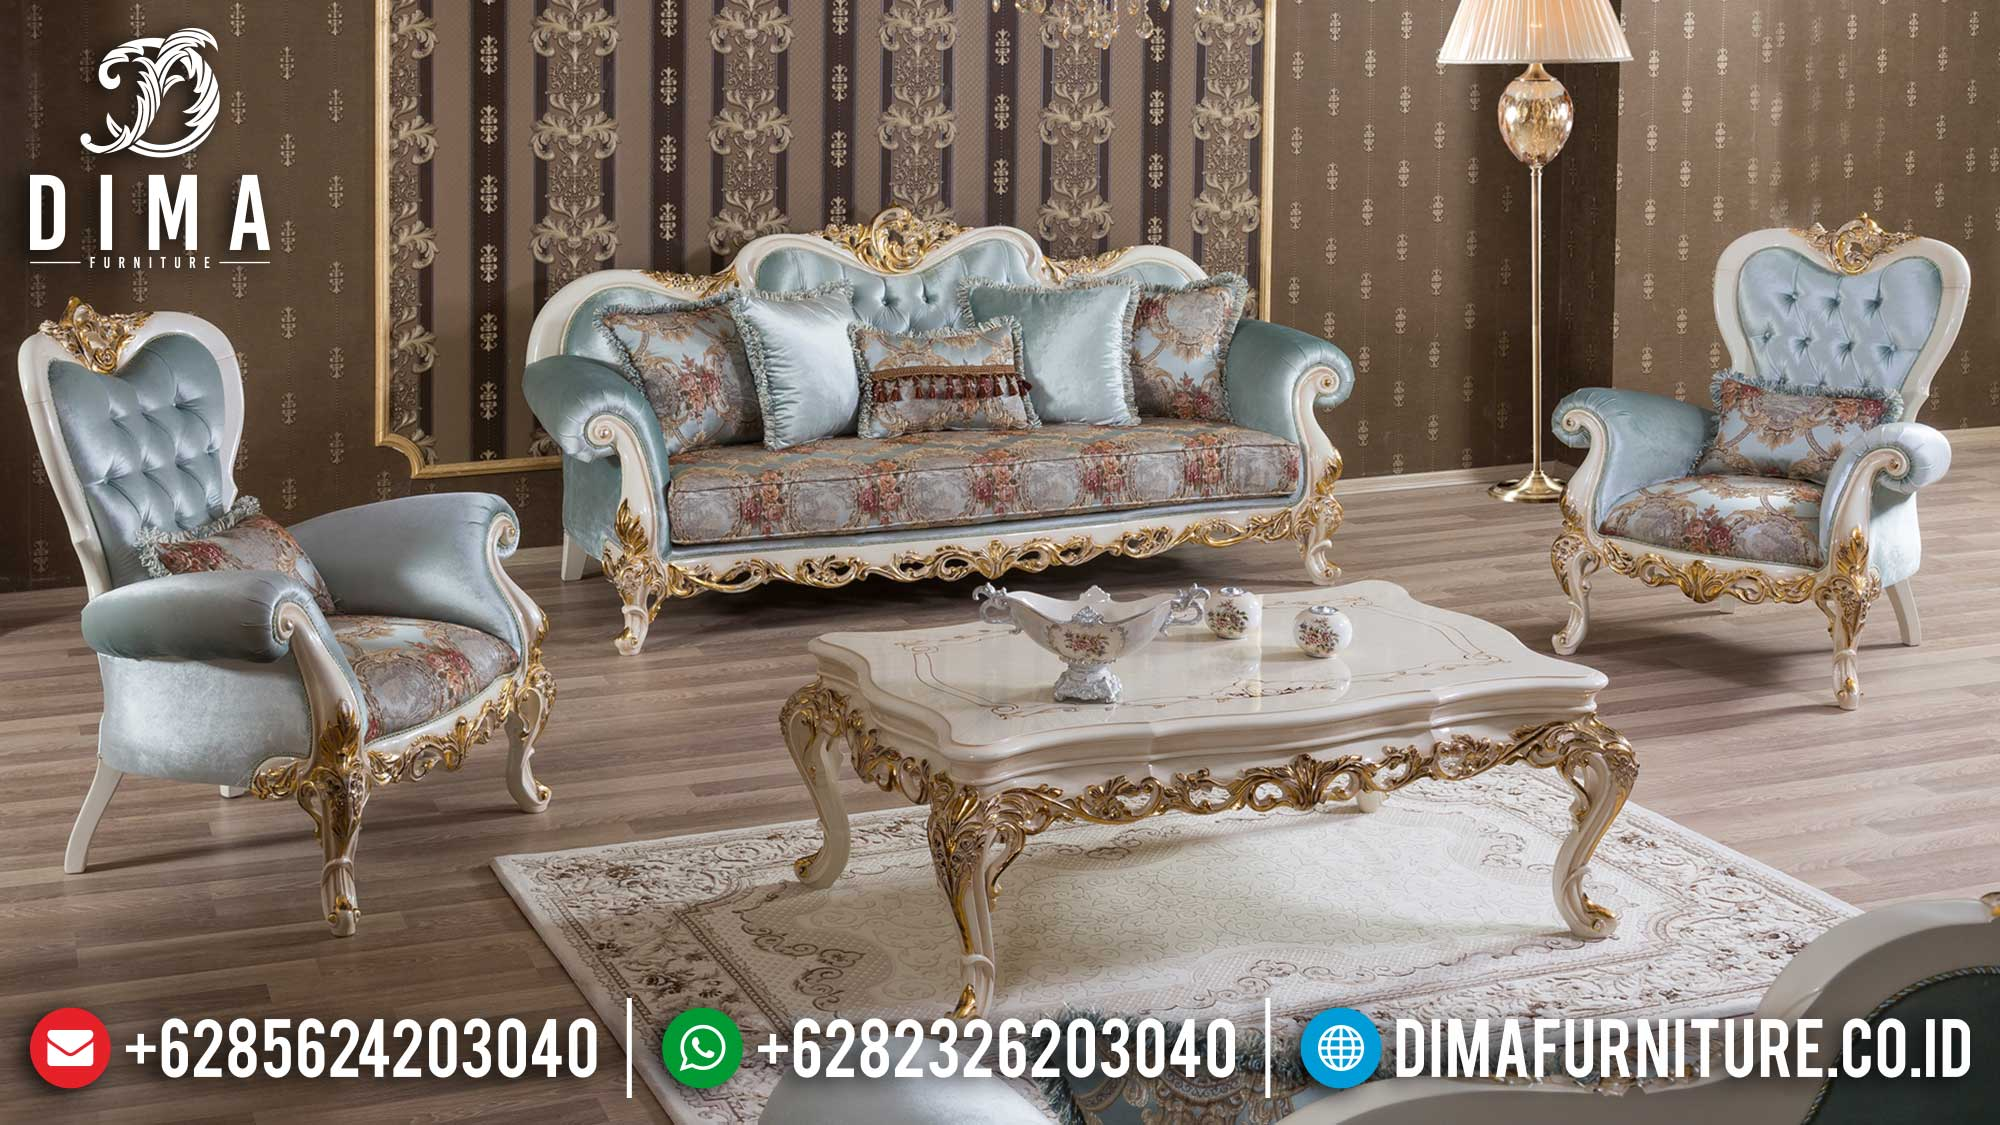 Desain Mewah Sofa Tamu Jepara Terbaru Elegant Carving New Luxury Item Mm-0949